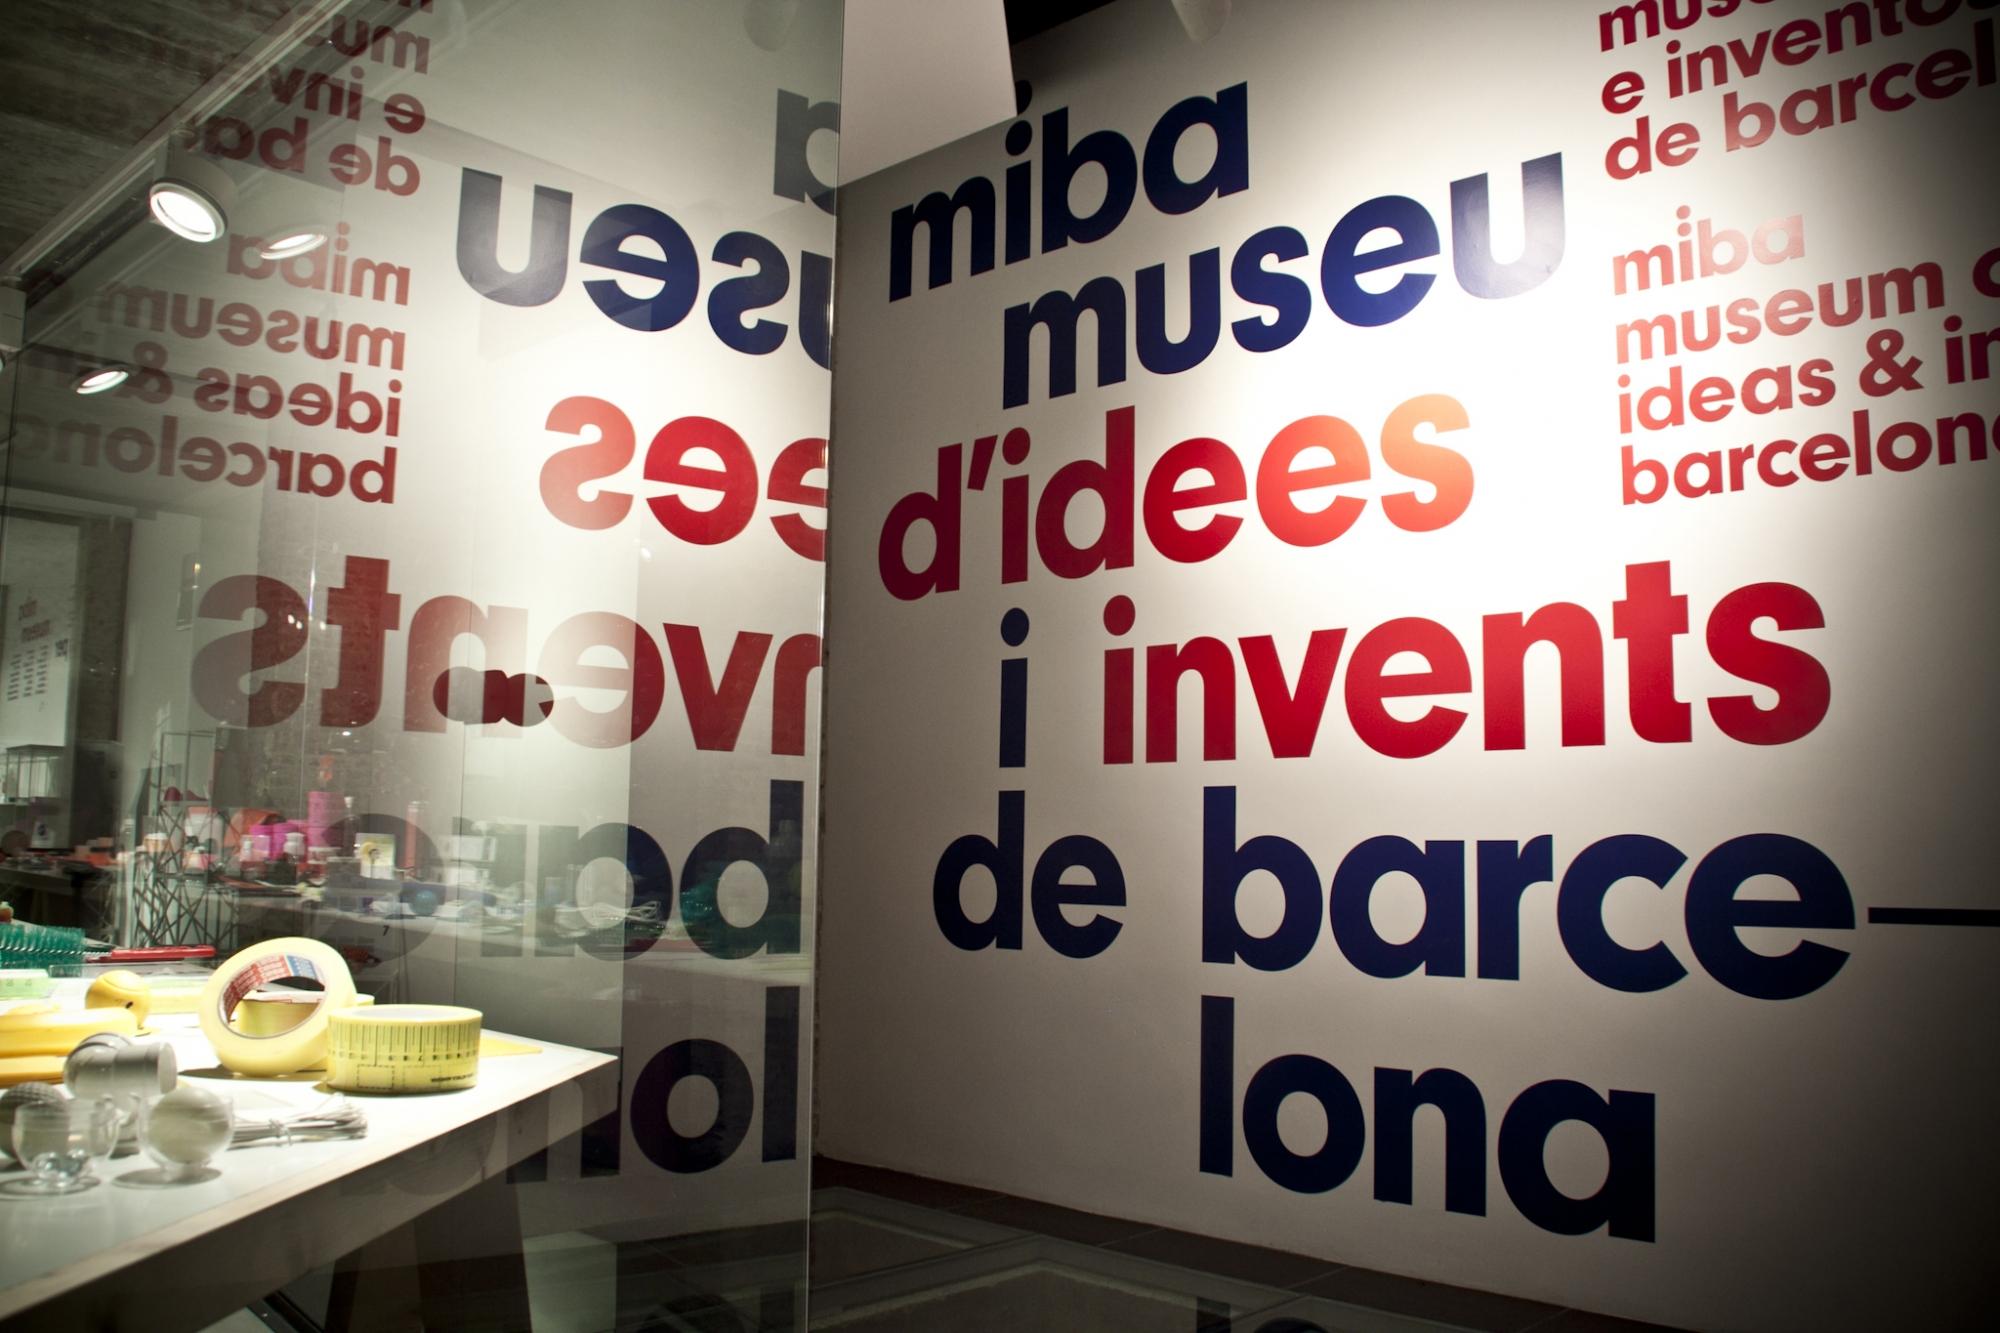 MIBA Museu idees Barcelona Voltasol.jpg